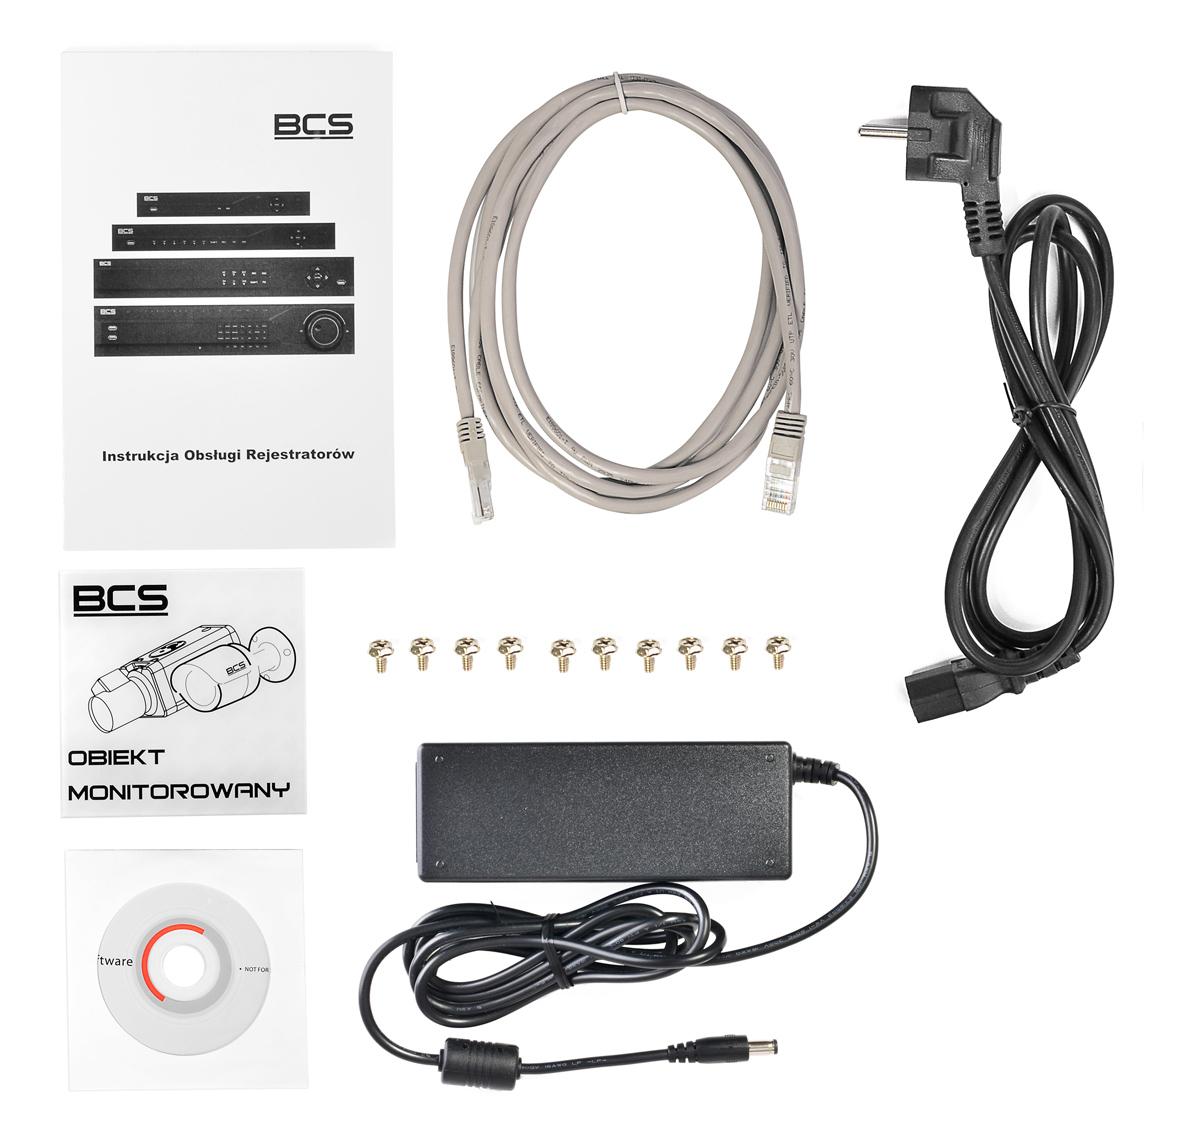 Akcesoria wchodzące w skład zestawu BCS-NVR08015ME-P